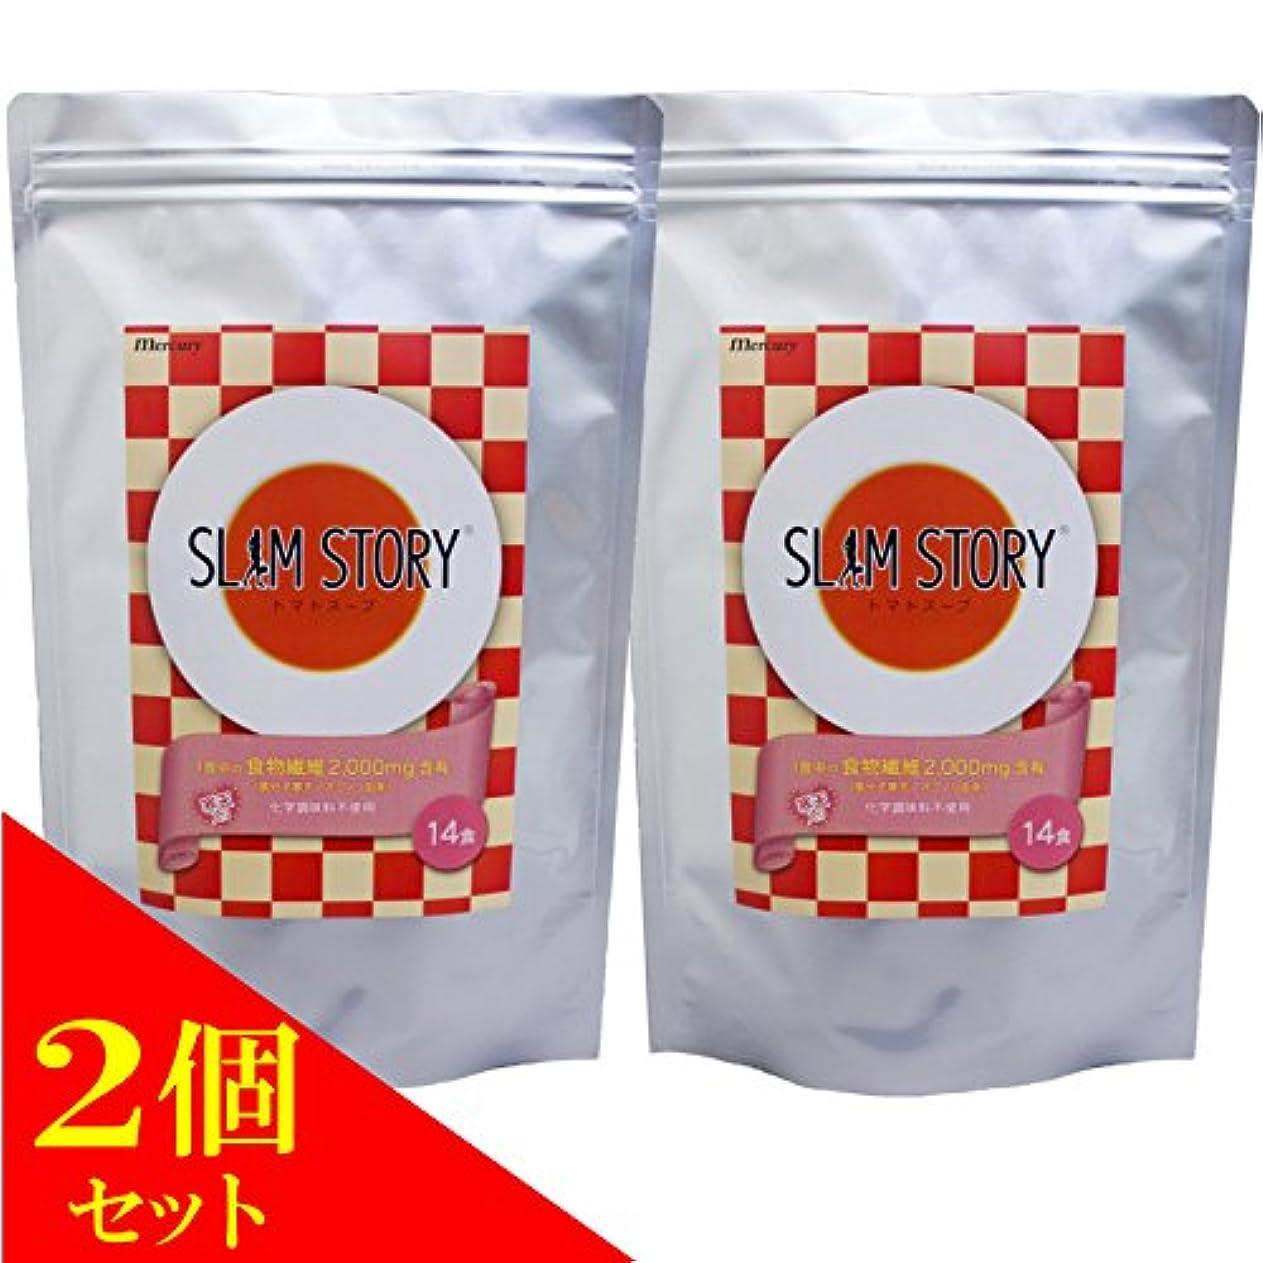 排泄する検出器やりがいのある(2個) マーキュリー SLIM STORY トマトスープ 14食×2袋セット/化学調味料 不使用(4947041155022)